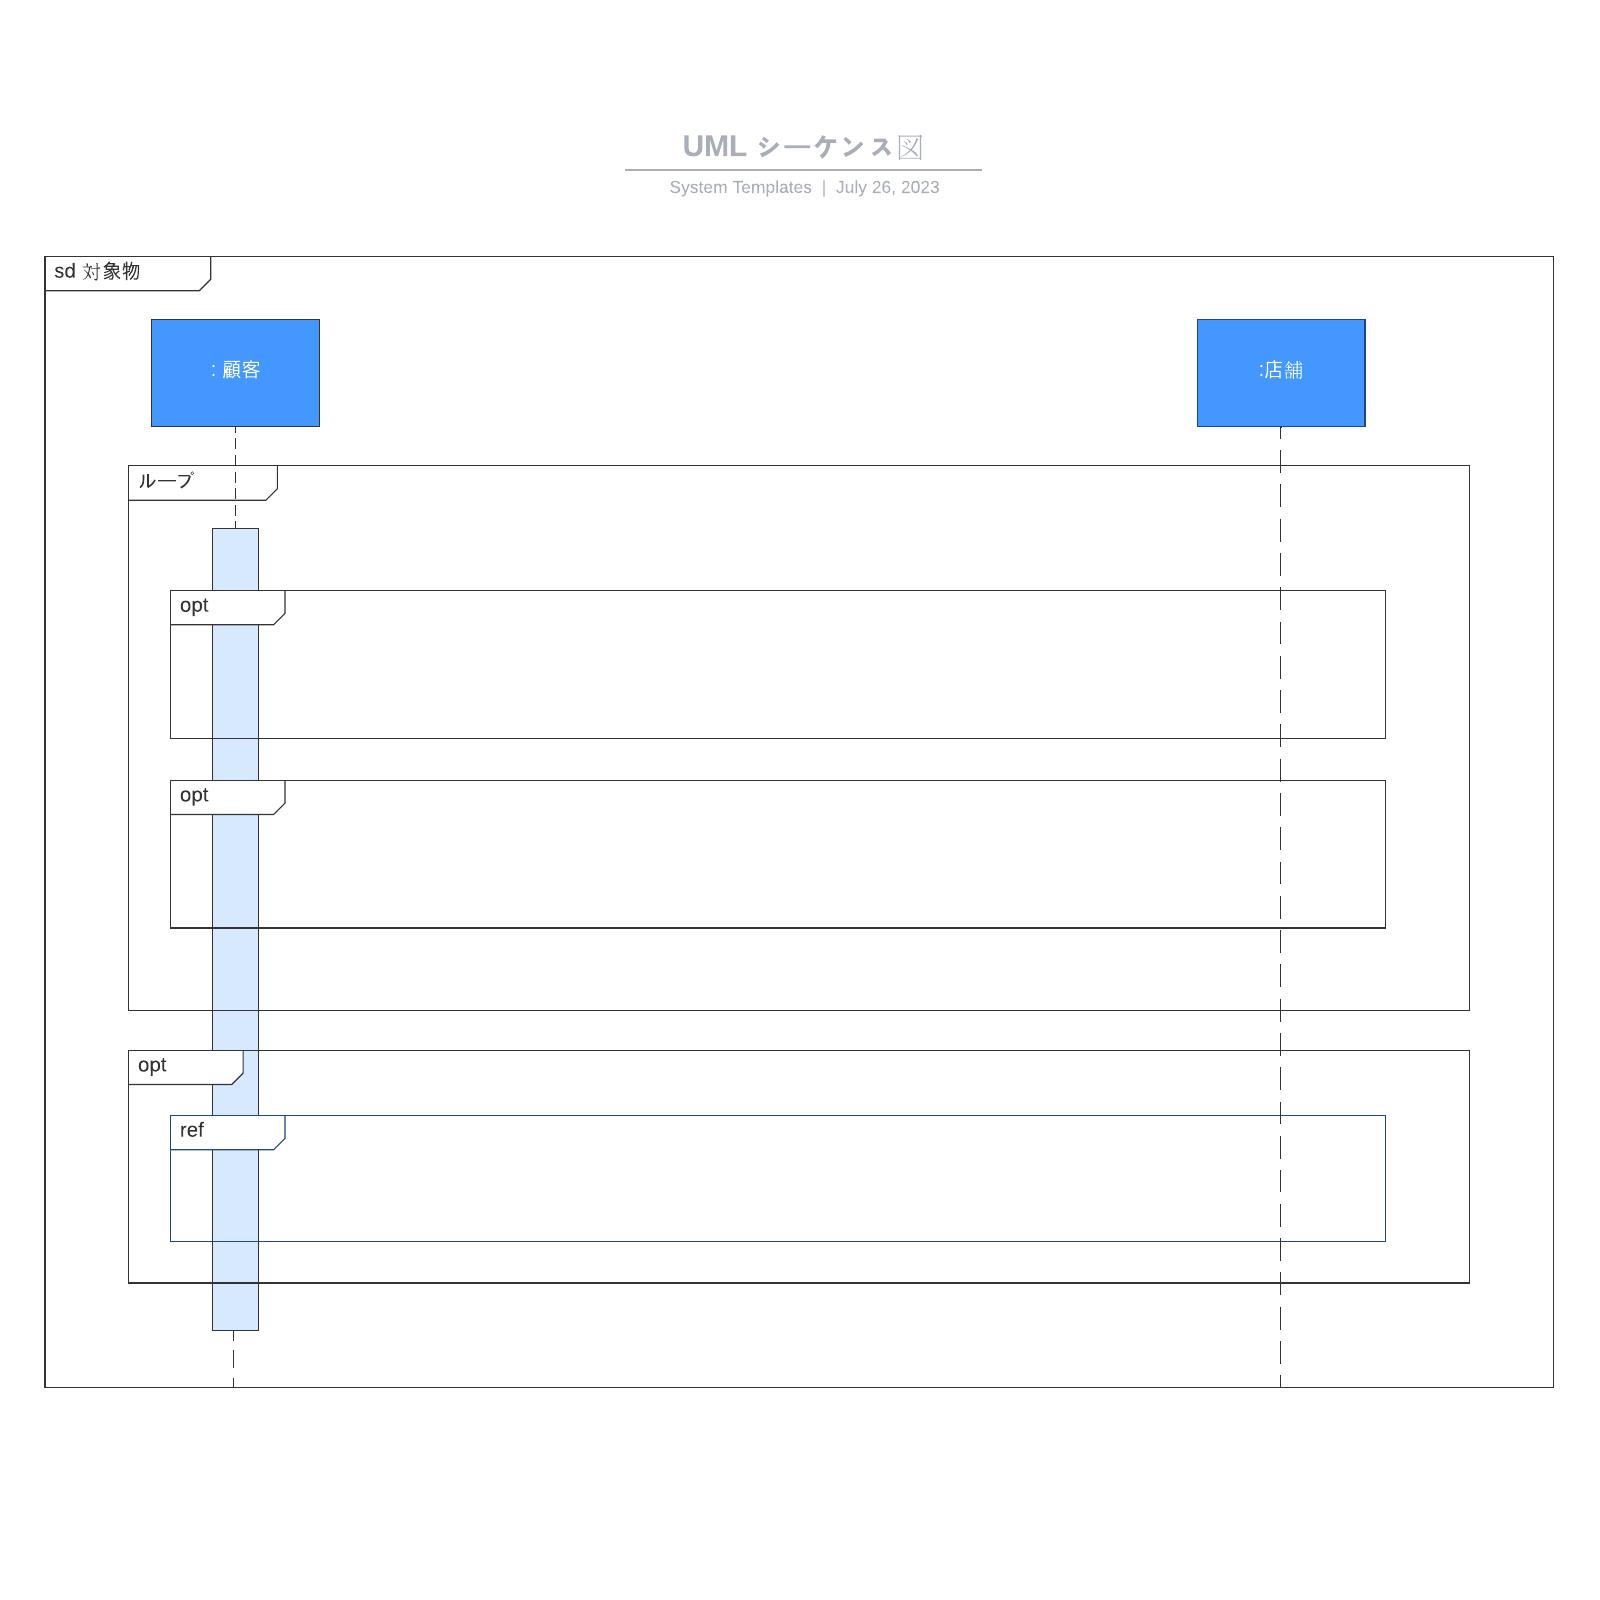 UML シーケンス図テンプレート例